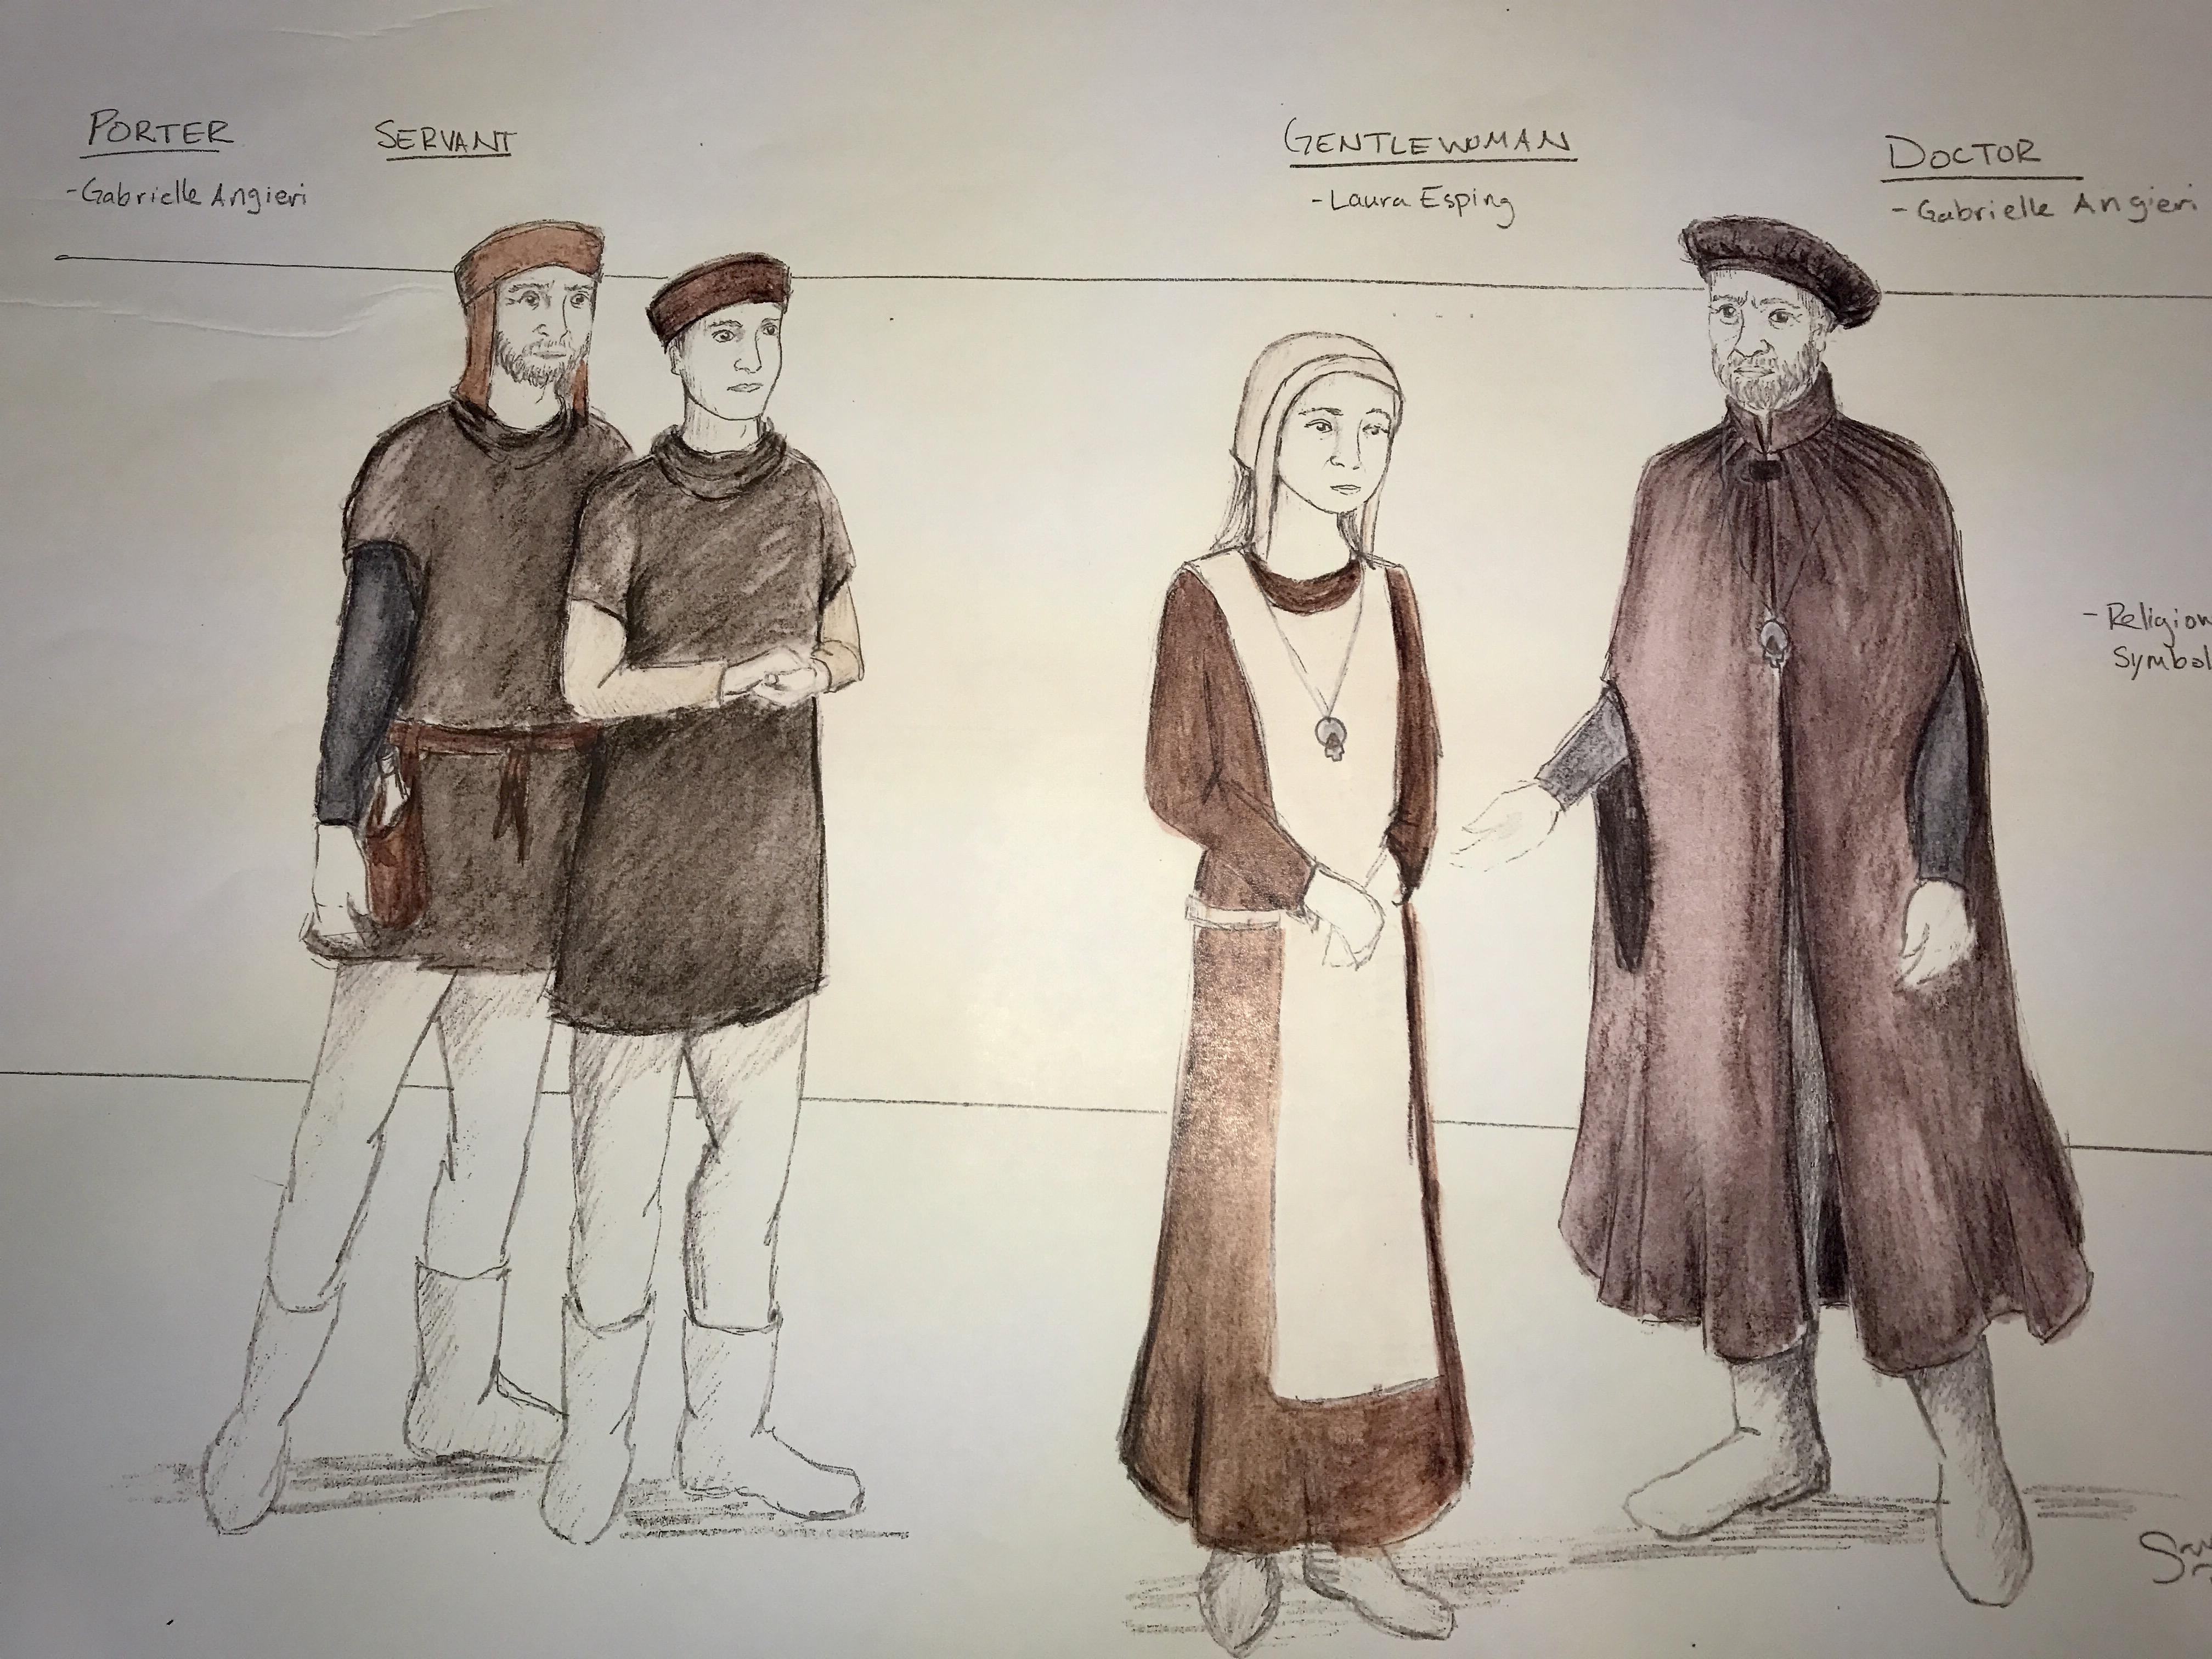 More Macbeth costumes & Macbeth | Park Square Theatre